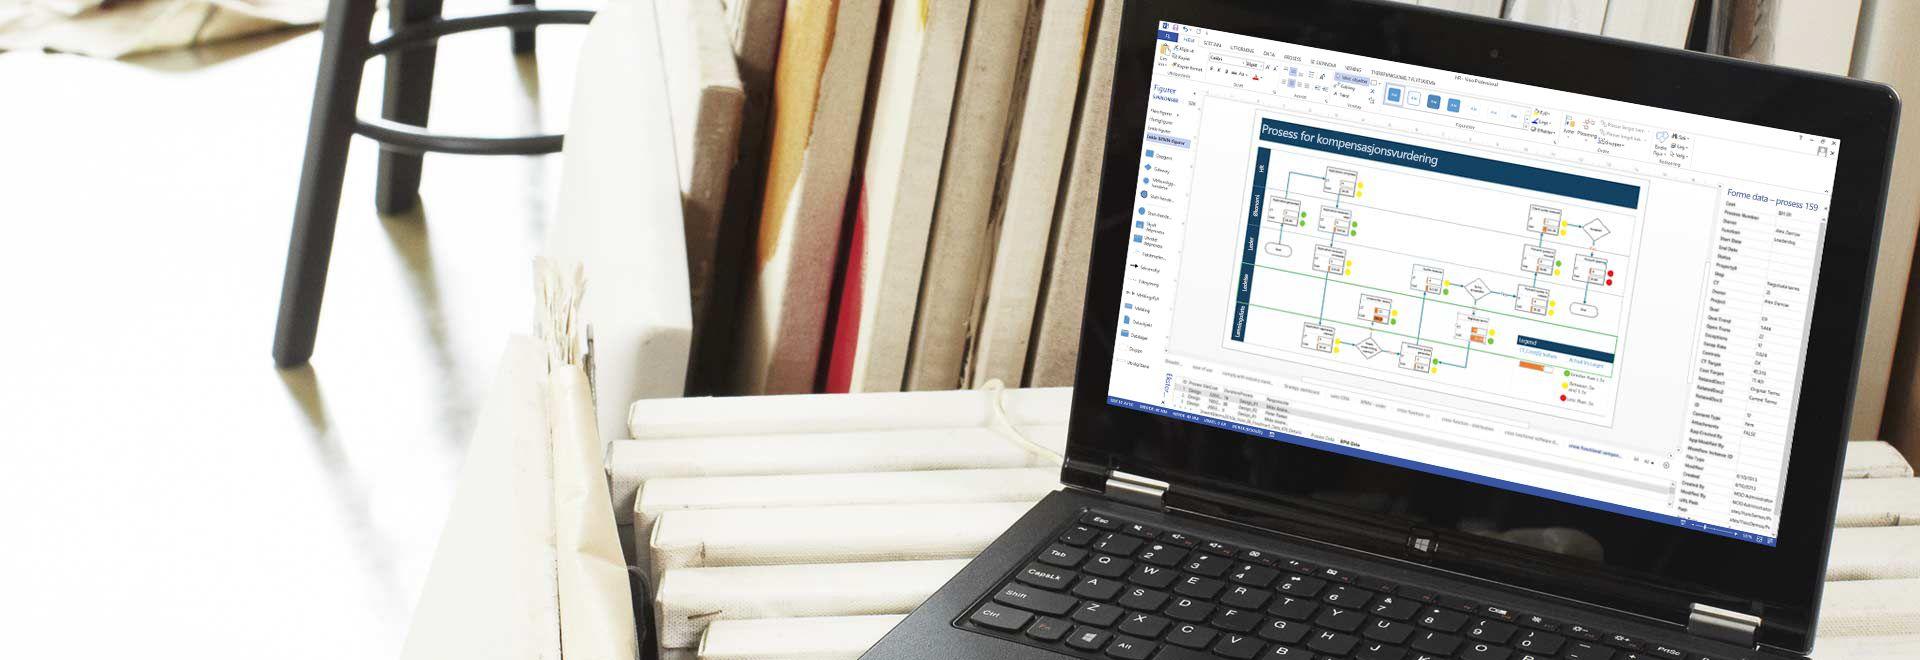 En bærbar PC som viser et diagram med prosessarbeidsflyt i Visio Pro for Office 365